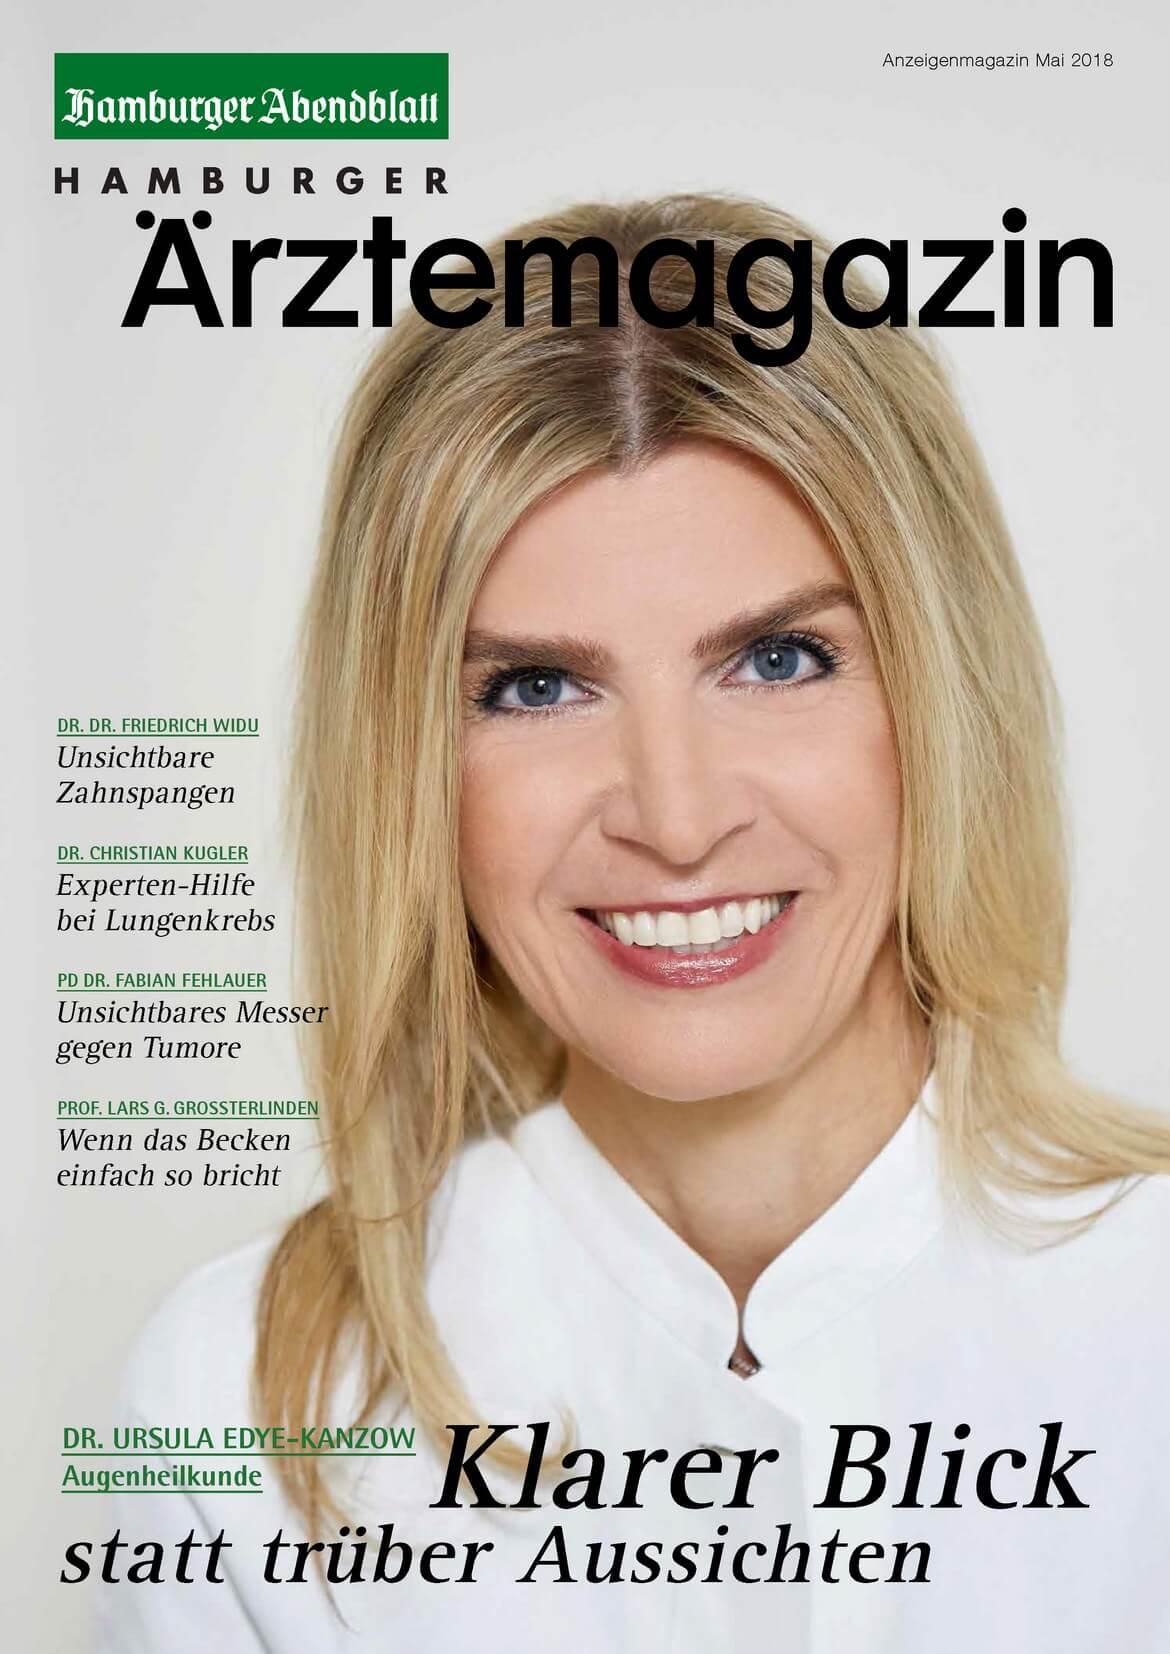 Hamburger Ärztemagazin Ausgabe Mai 2018 erschienen